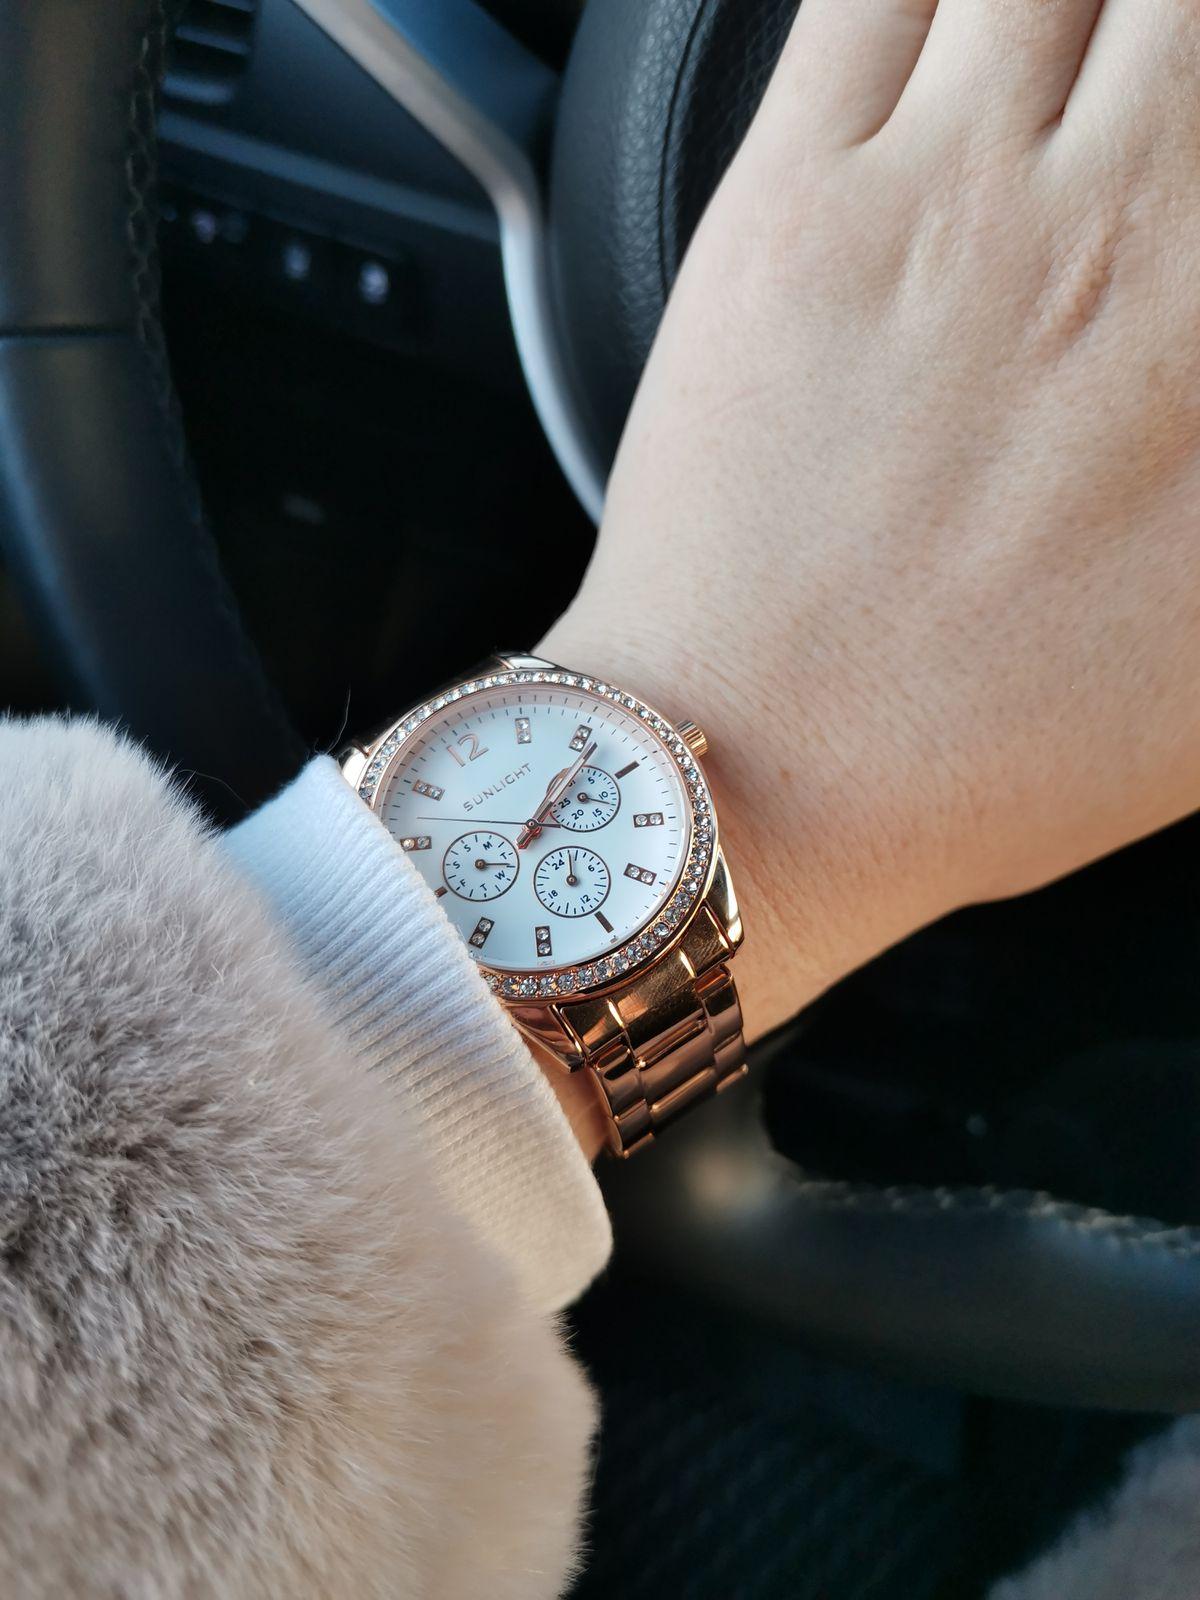 Хорошие часы за такую цену